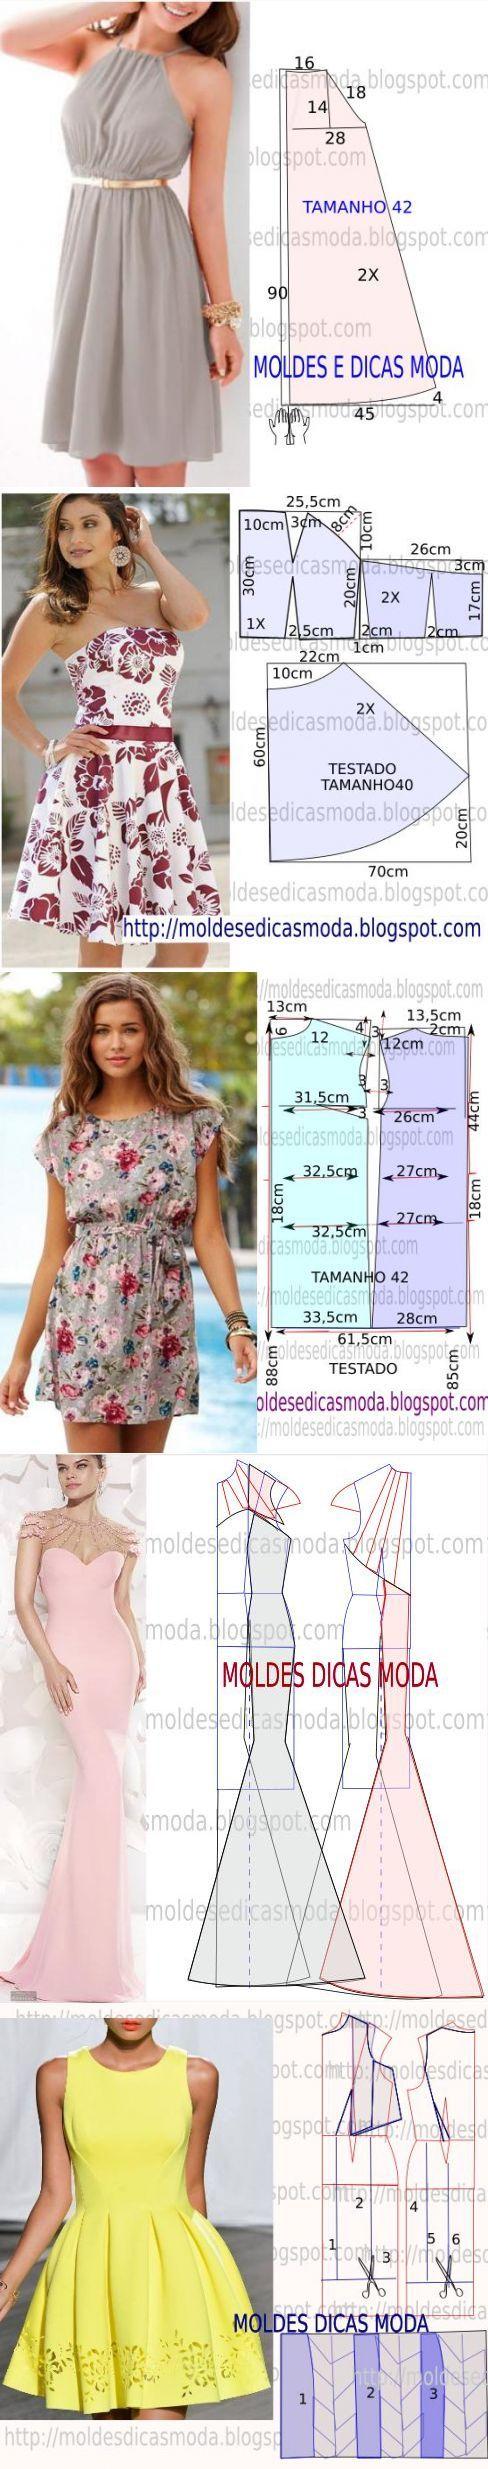 цитата SVETIK-VOSMICVETIK : Платье+выкройка .(17 часть) (19:37 11-06-2015) [4189663/364224822] - irina-lena@inbox.ru - Почта Mail.Ru